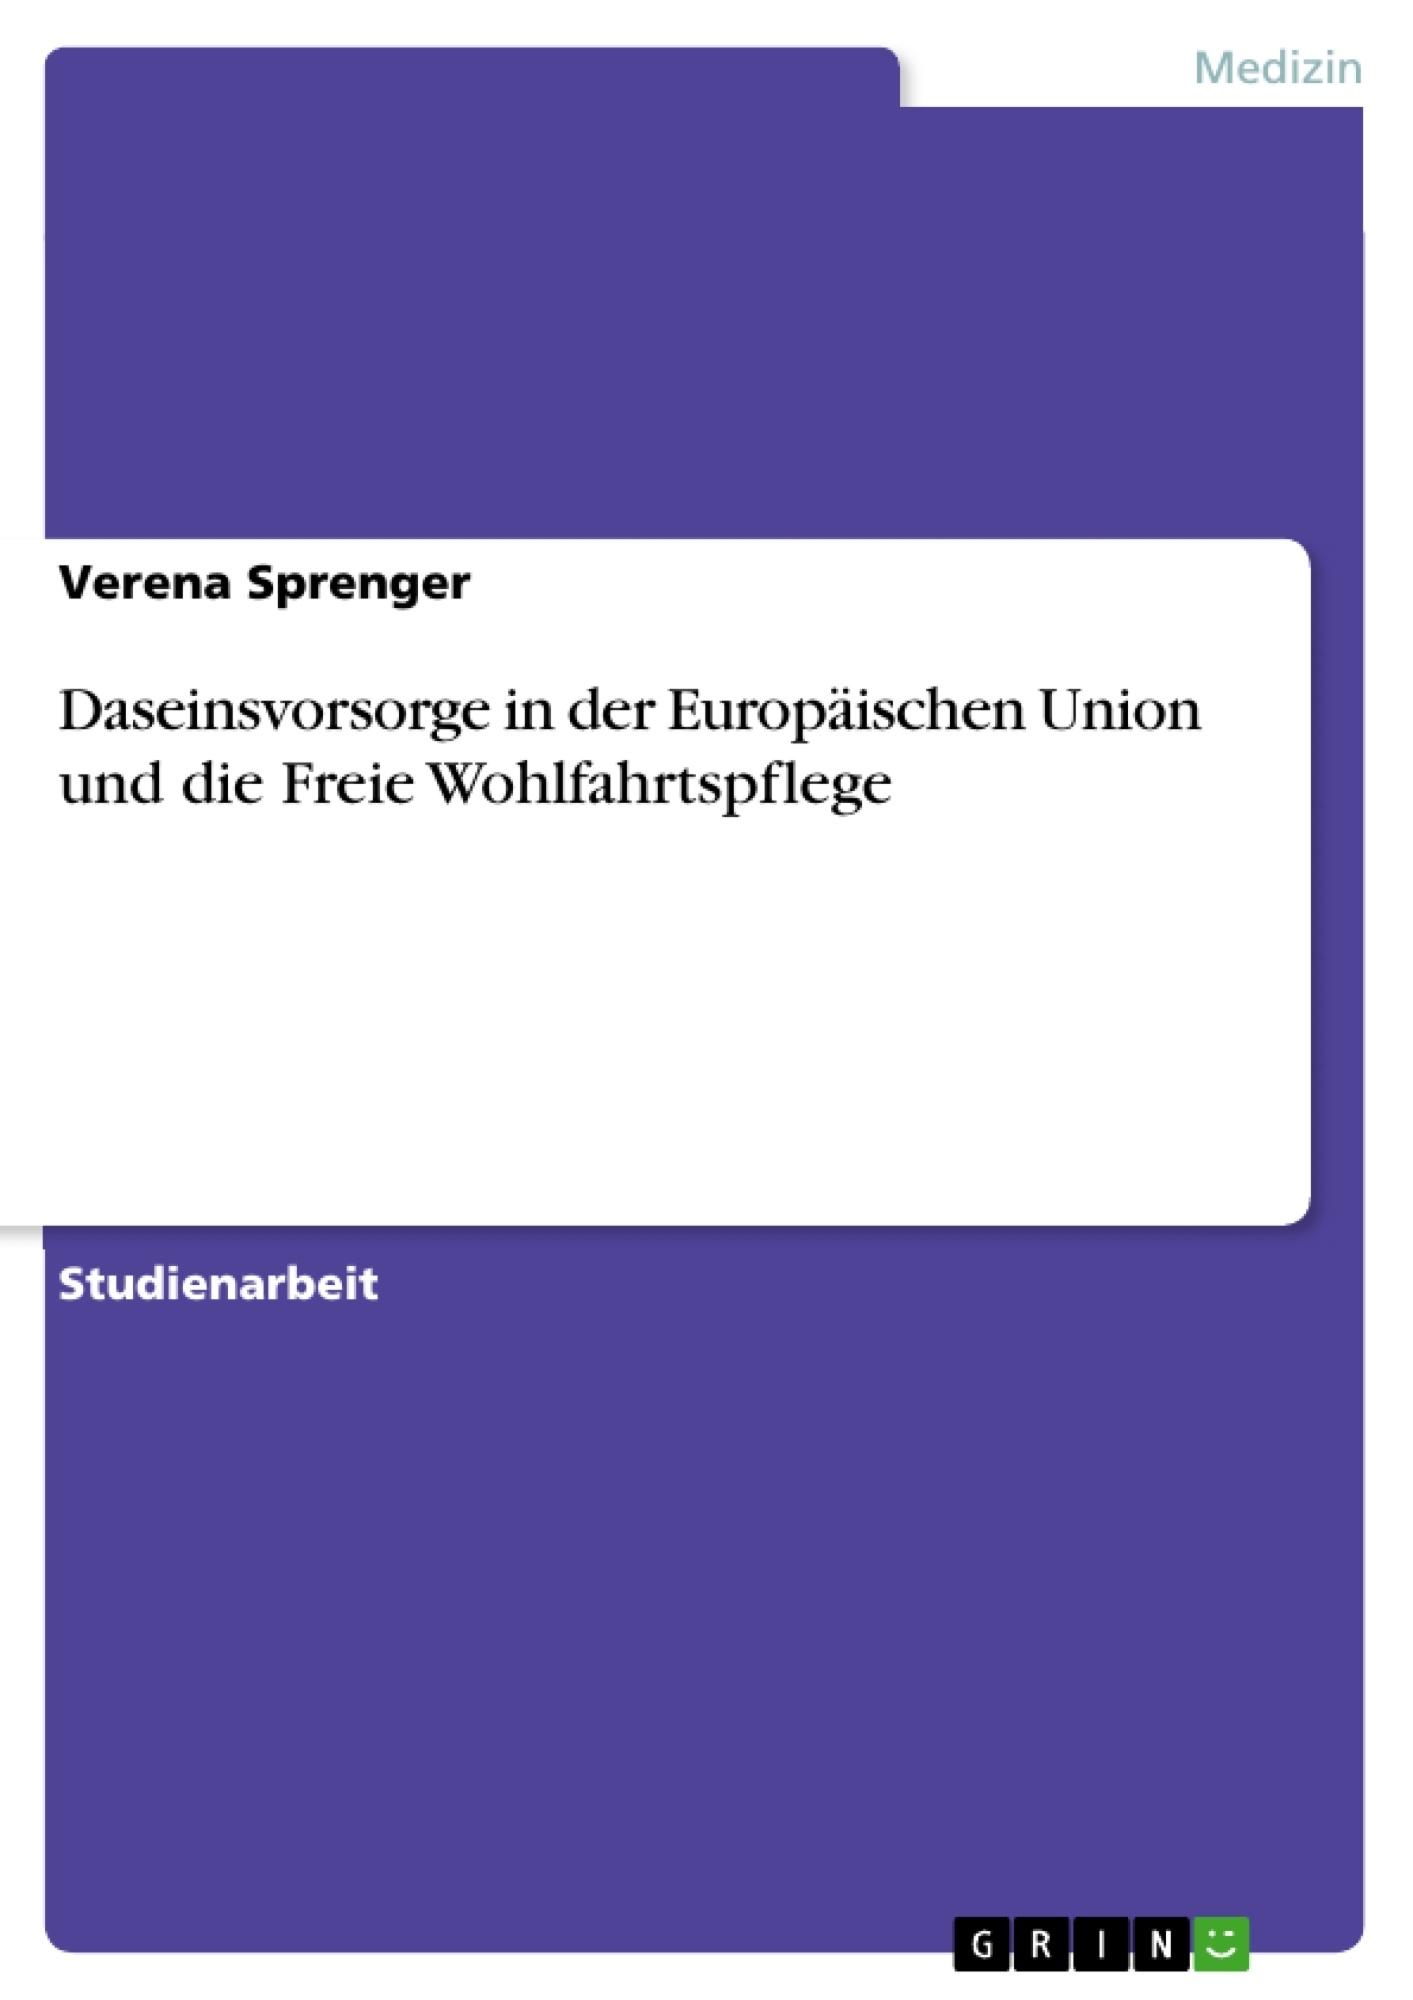 Titel: Daseinsvorsorge in der Europäischen Union und die Freie Wohlfahrtspflege